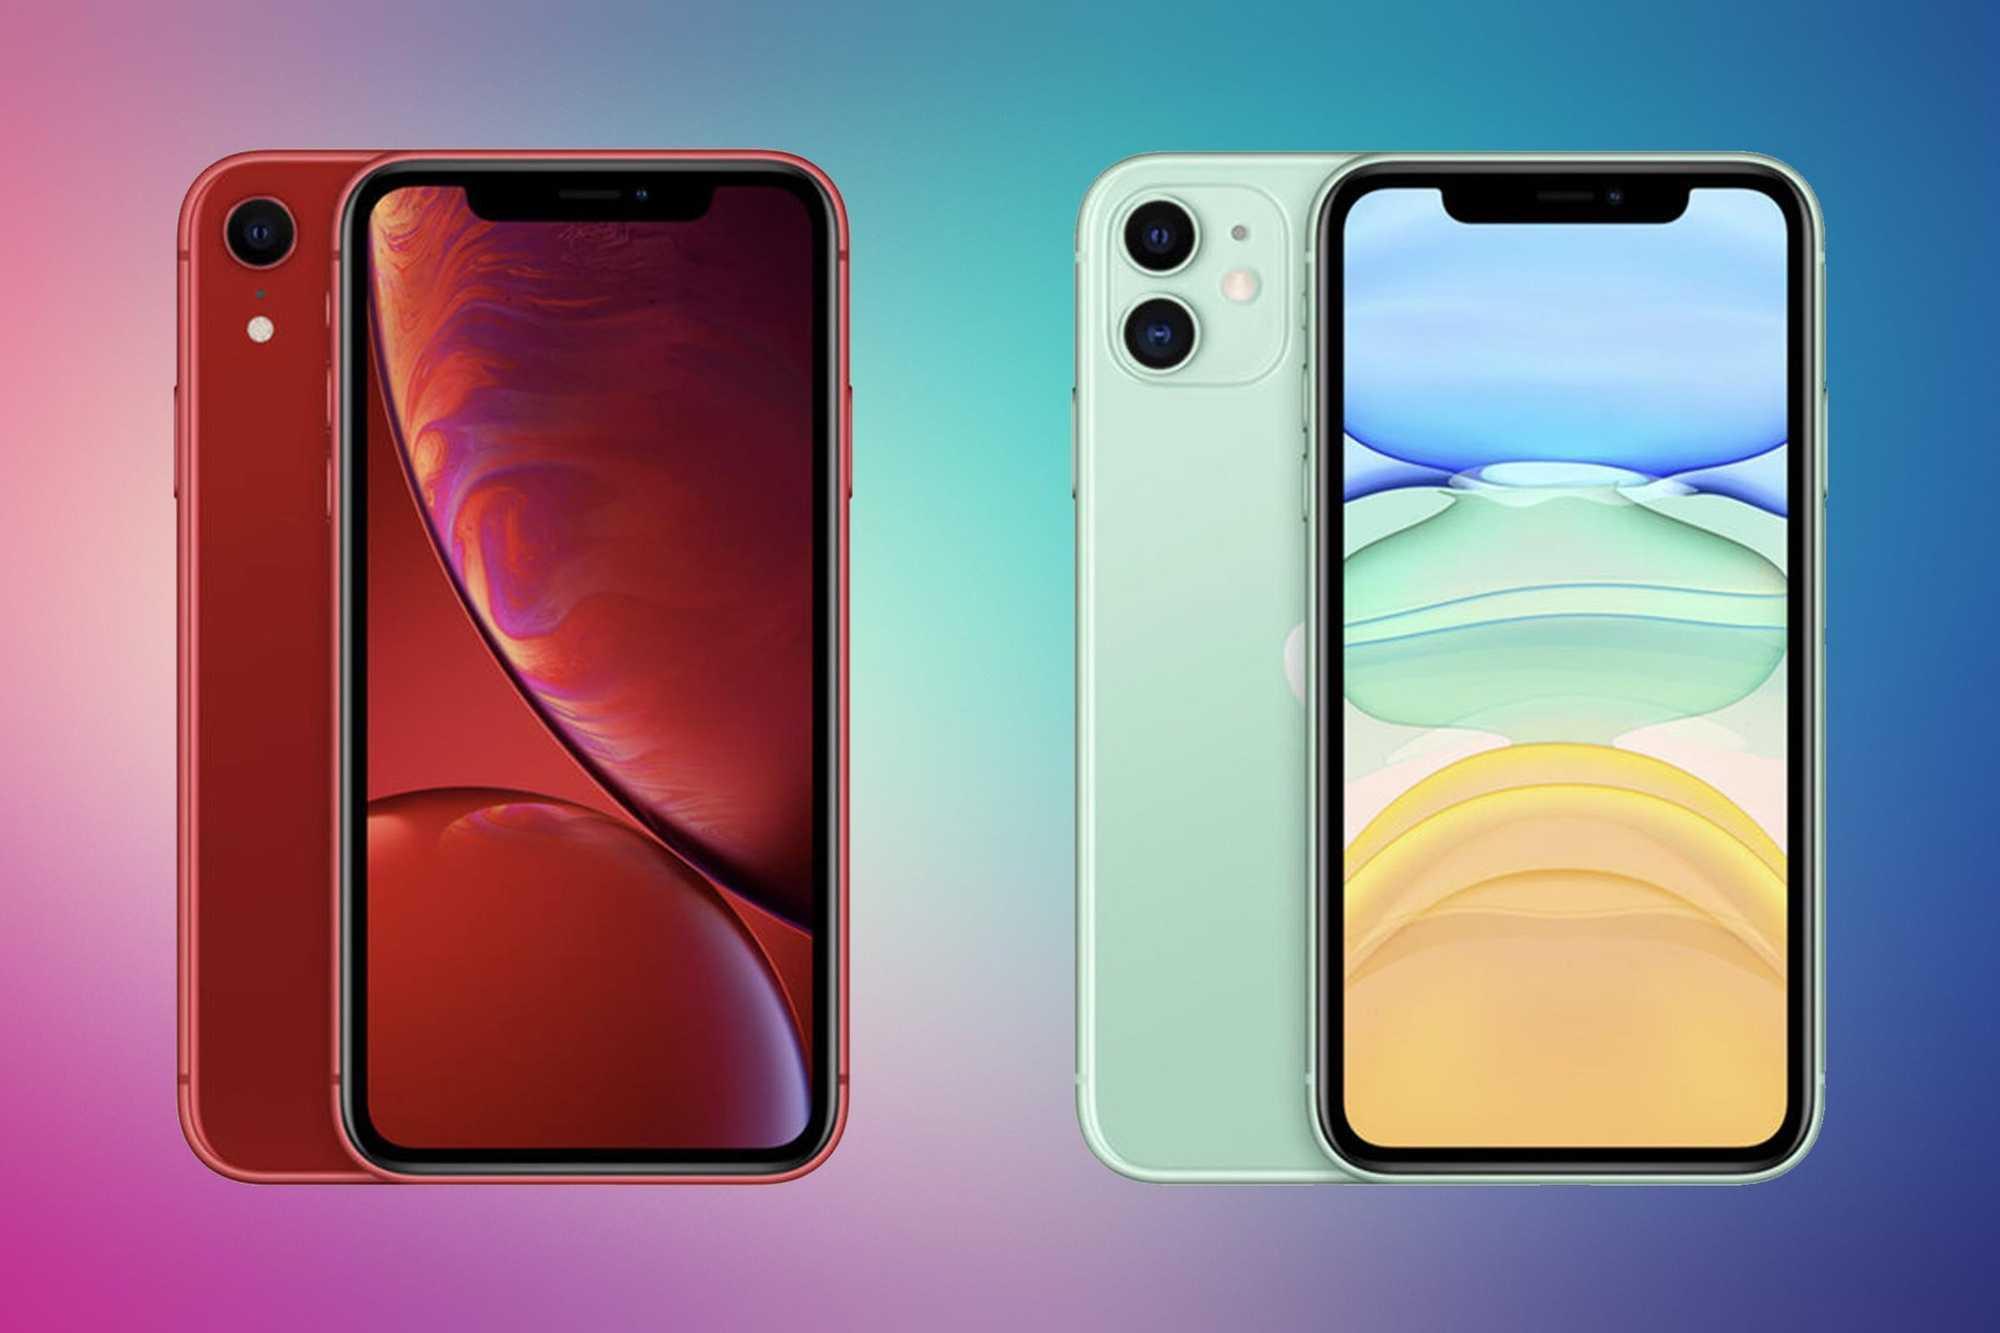 Iphone se 2, iphone 11 и iphone xr: сравнение камер | it-here.ru